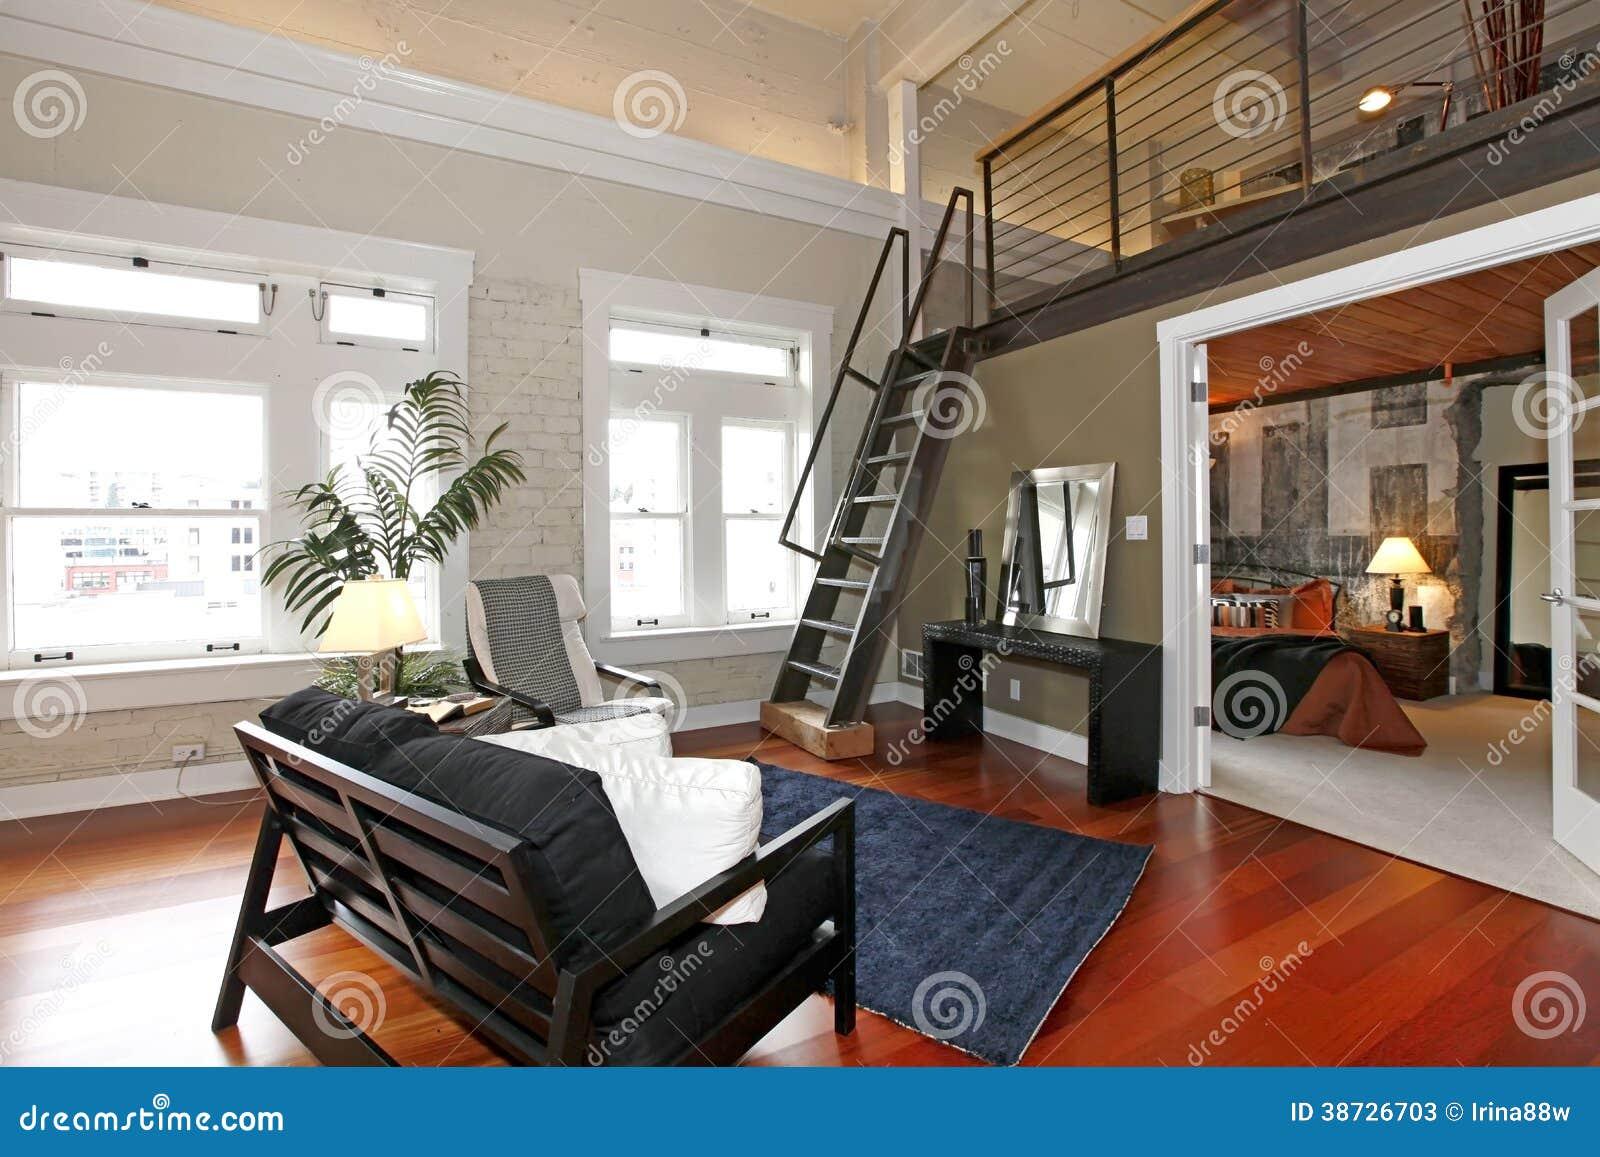 Dormitorio y sala de estar modernos reconstruidos fotos de for Dormitorio sala